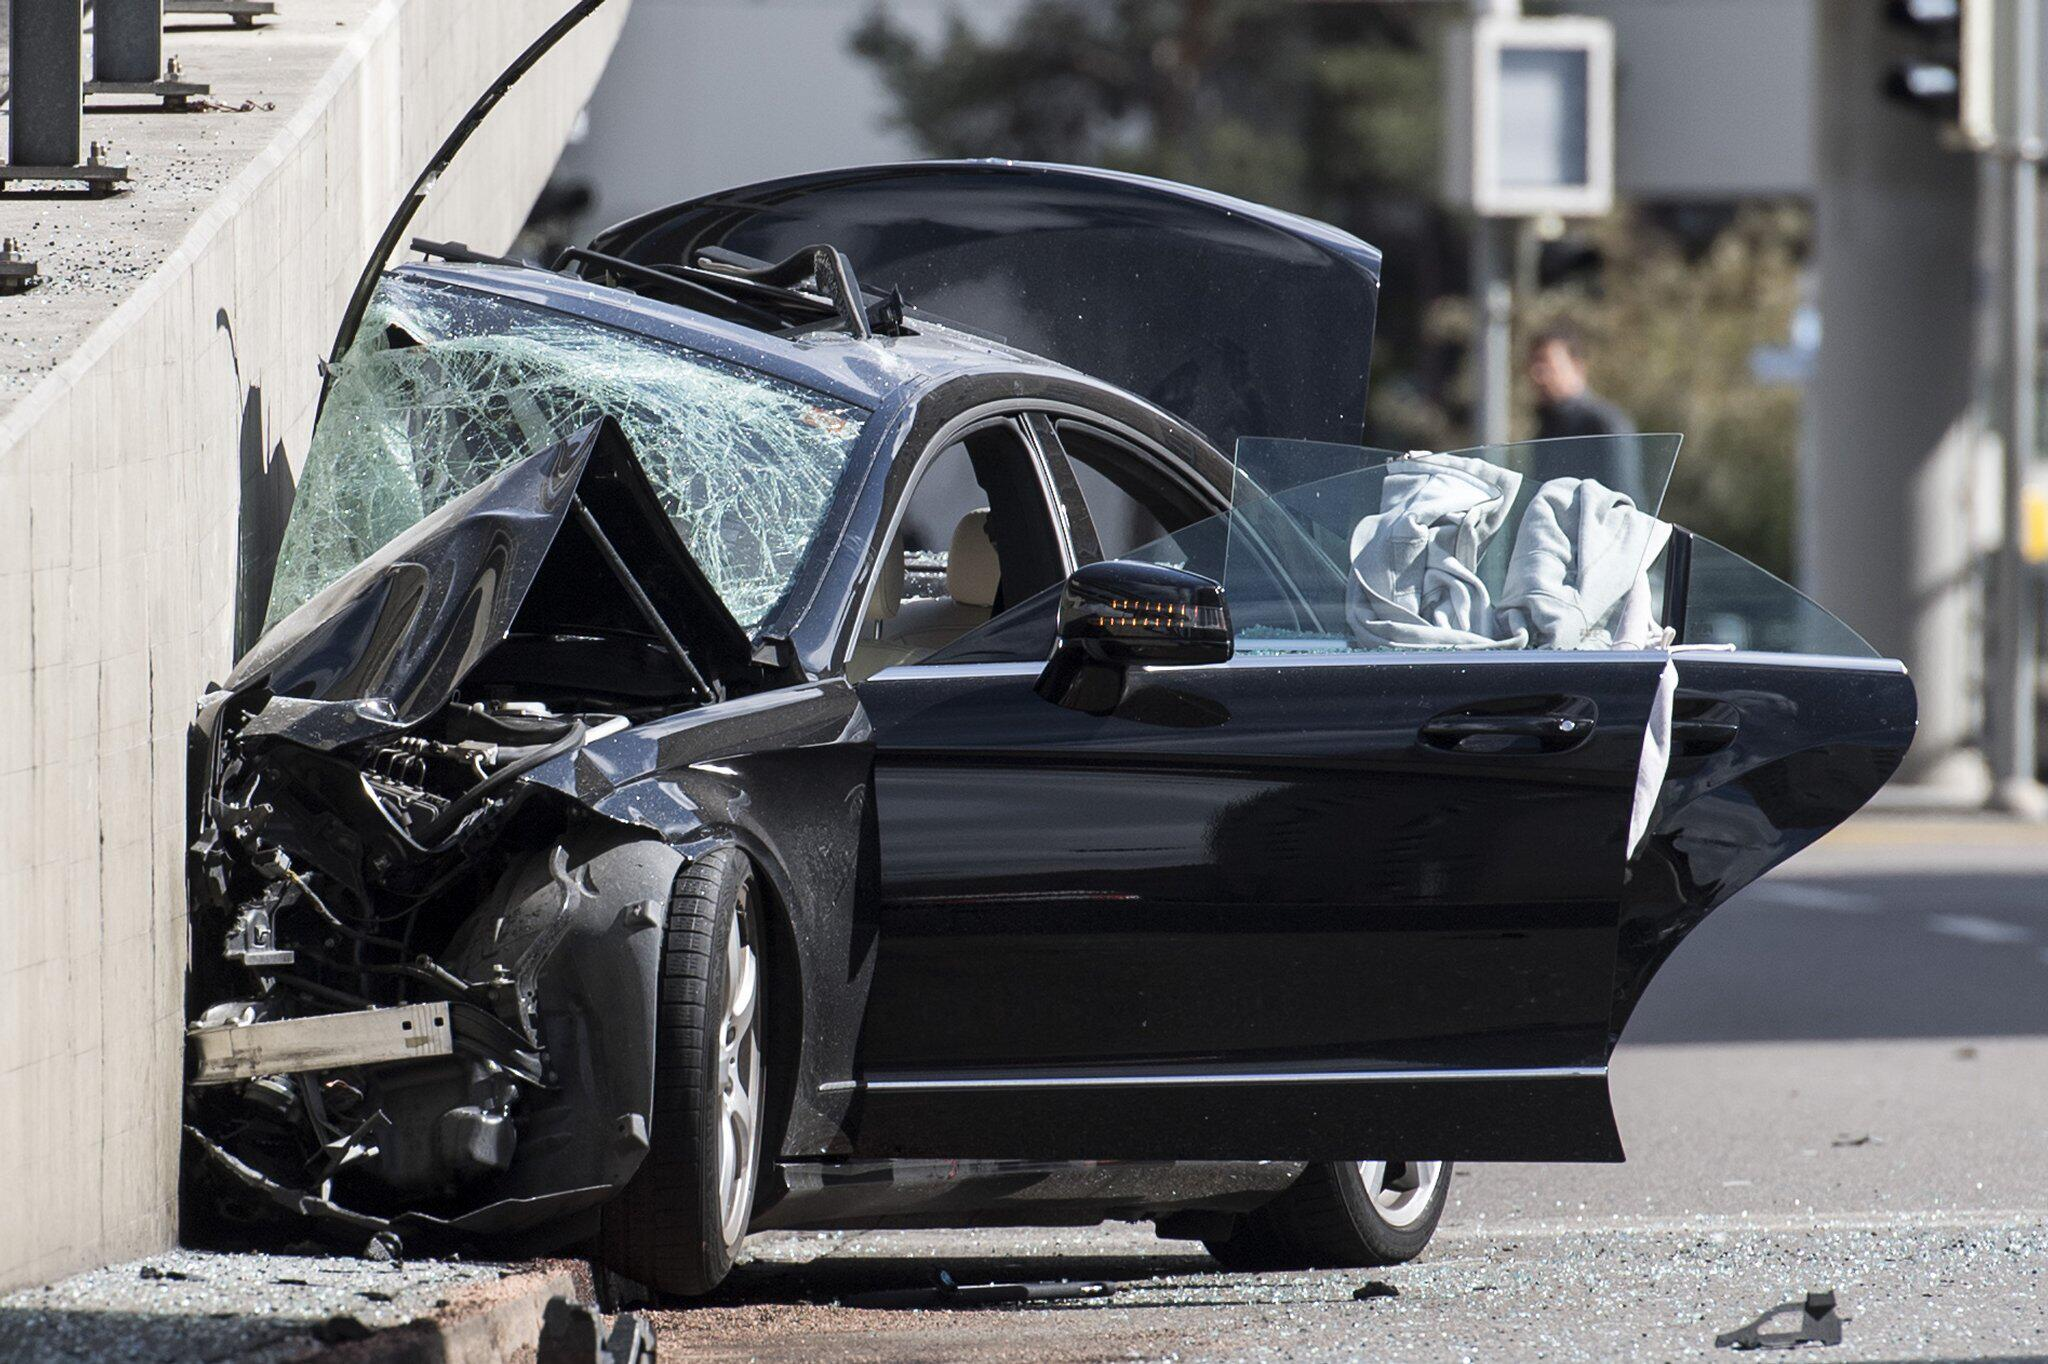 Bild zu Unfall in Zürich